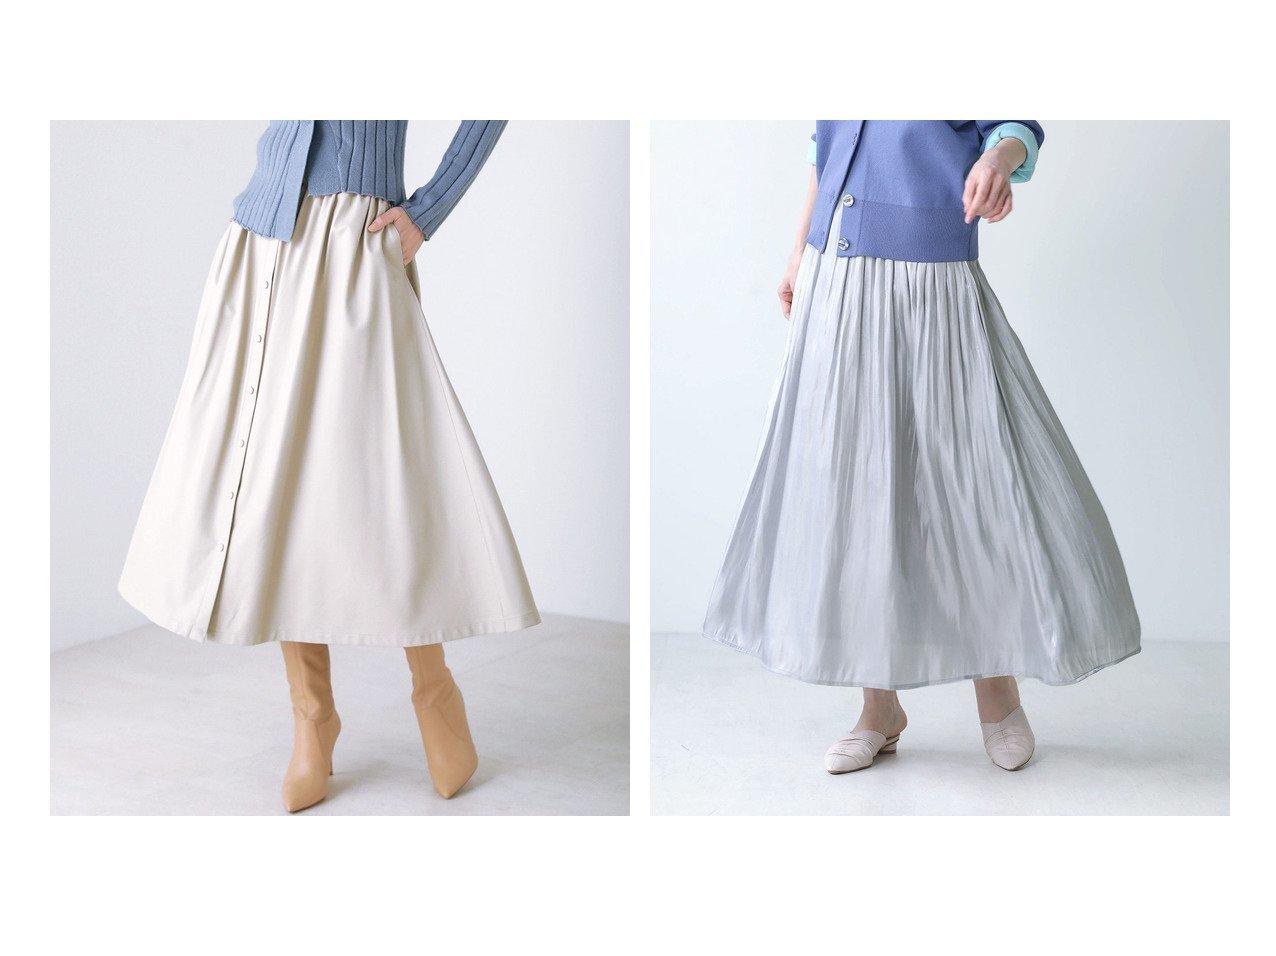 【Bou Jeloud/ブージュルード】のエコレザーくるみドット釦スカート&2wayリバーシブルシャイニースカート スカートのおすすめ!人気、トレンド・レディースファッションの通販 おすすめで人気の流行・トレンド、ファッションの通販商品 メンズファッション・キッズファッション・インテリア・家具・レディースファッション・服の通販 founy(ファニー) https://founy.com/ ファッション Fashion レディースファッション WOMEN スカート Skirt Aライン/フレアスカート Flared A-Line Skirts おすすめ Recommend カットソー ギャザー シンプル センター ドット バランス フレア ポケット 定番 Standard 楽ちん NEW・新作・新着・新入荷 New Arrivals シャイニー チュール リバーシブル ロング |ID:crp329100000022485